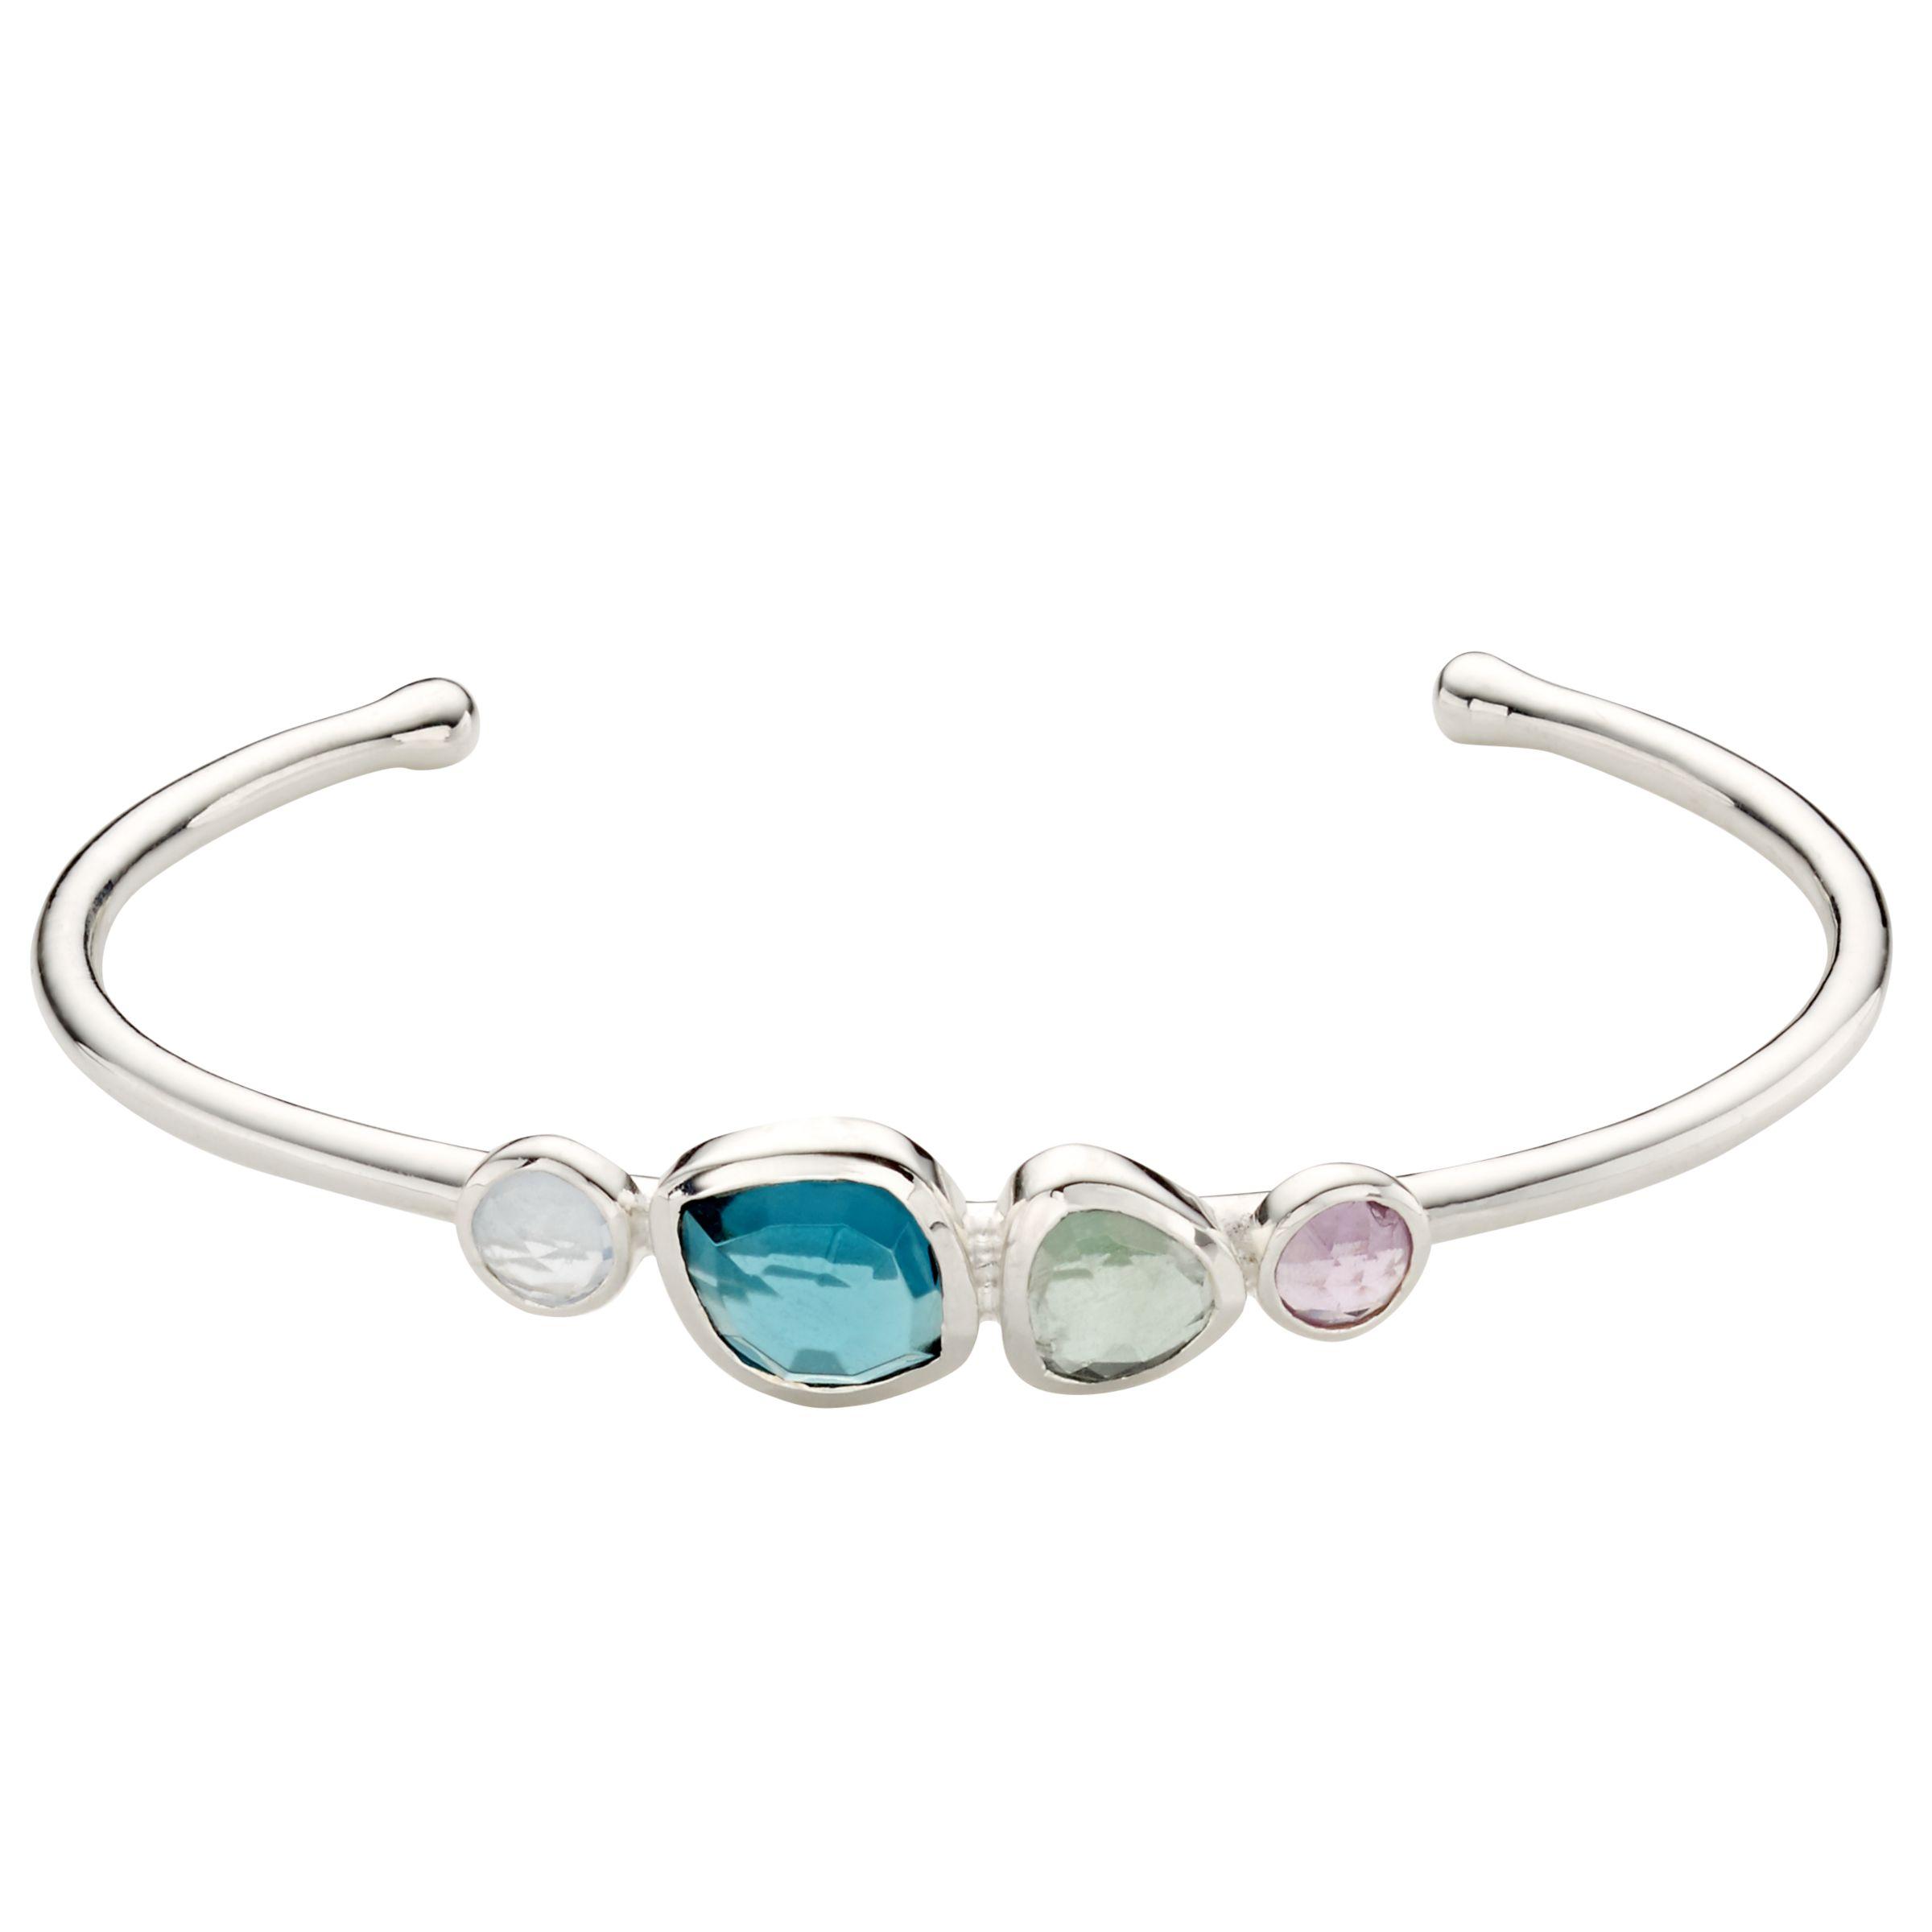 John Lewis Gemstones John Lewis Gemstones Multi Stone Open Cuff, Silver/Multi